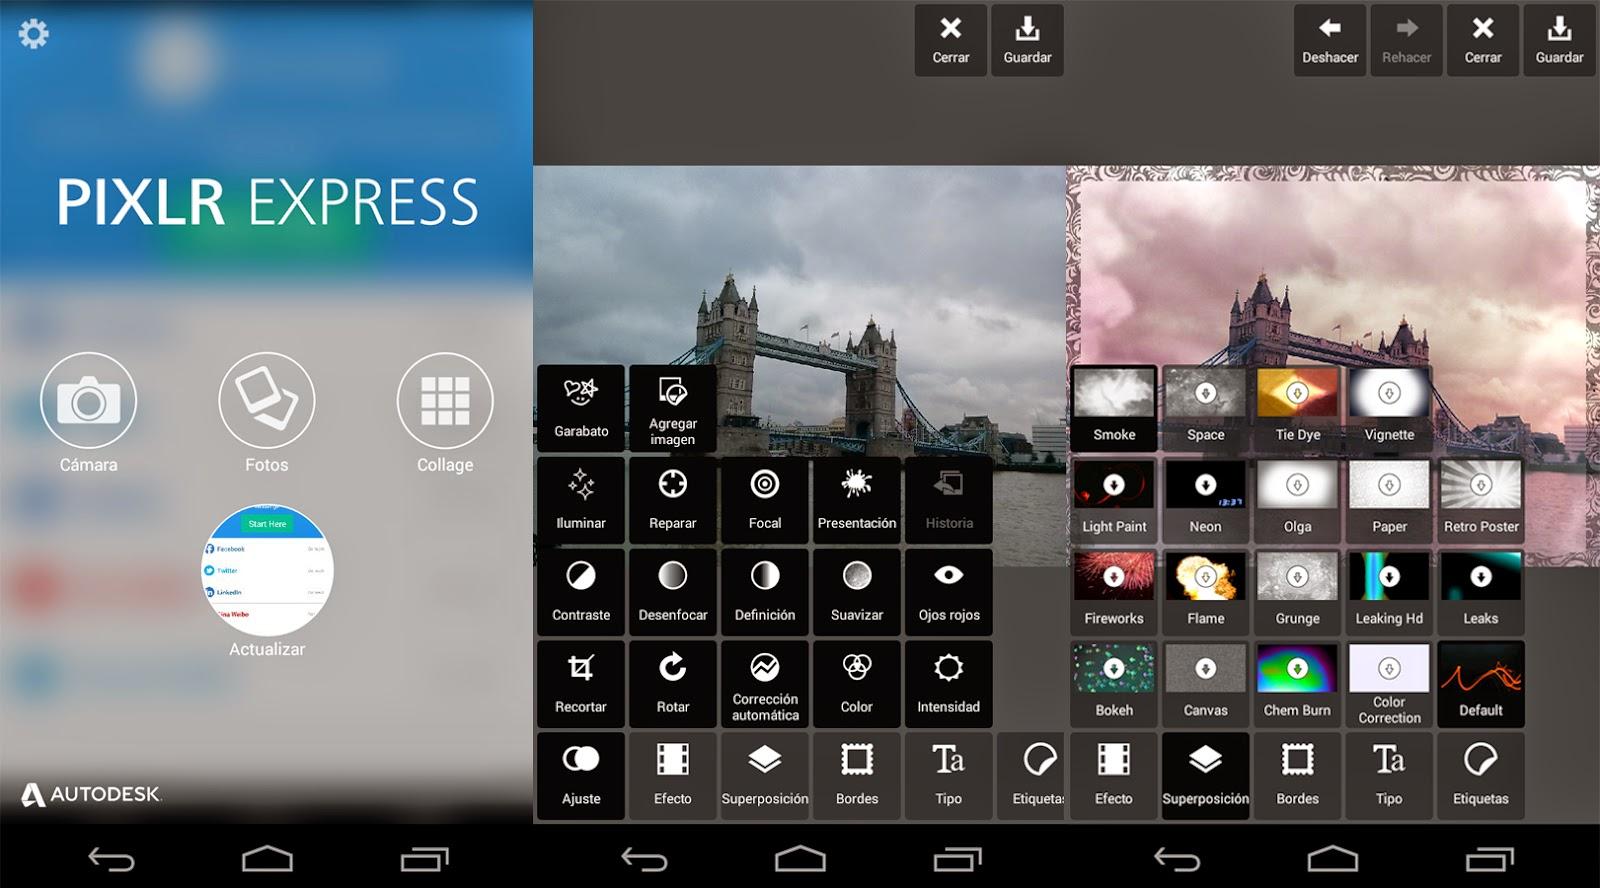 pixlr express, uygulama, ücretsiz uygulama, photo design, fotoğraf düzenleme uygulaması, fotoğraf kolajlama